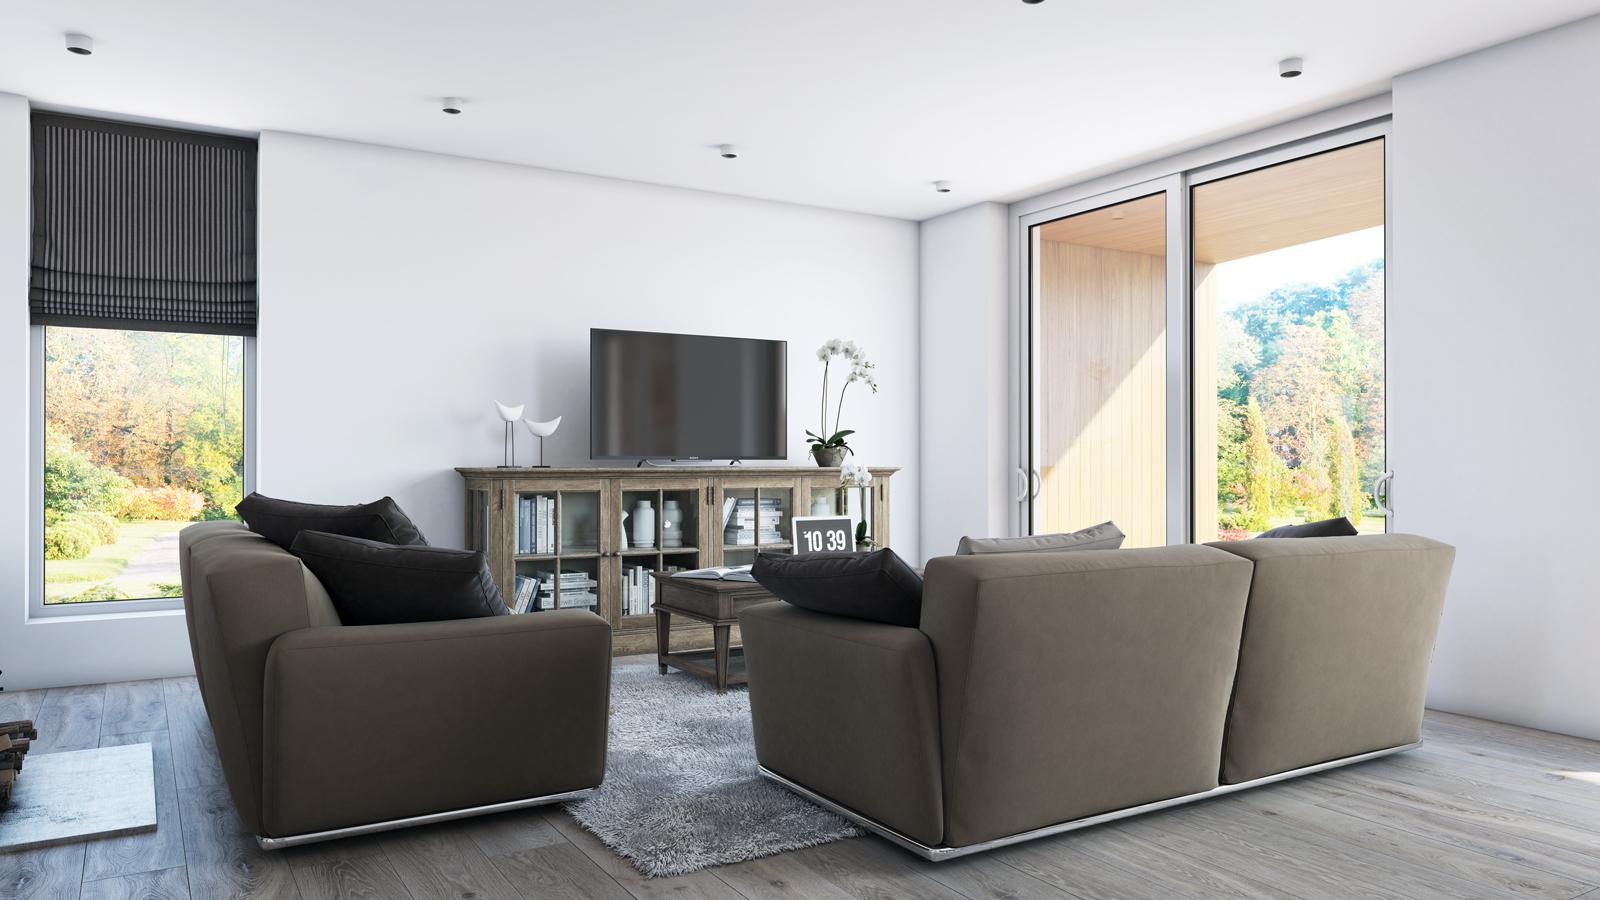 Panneaux maison ossature bois Nordi 04 L 133 m²